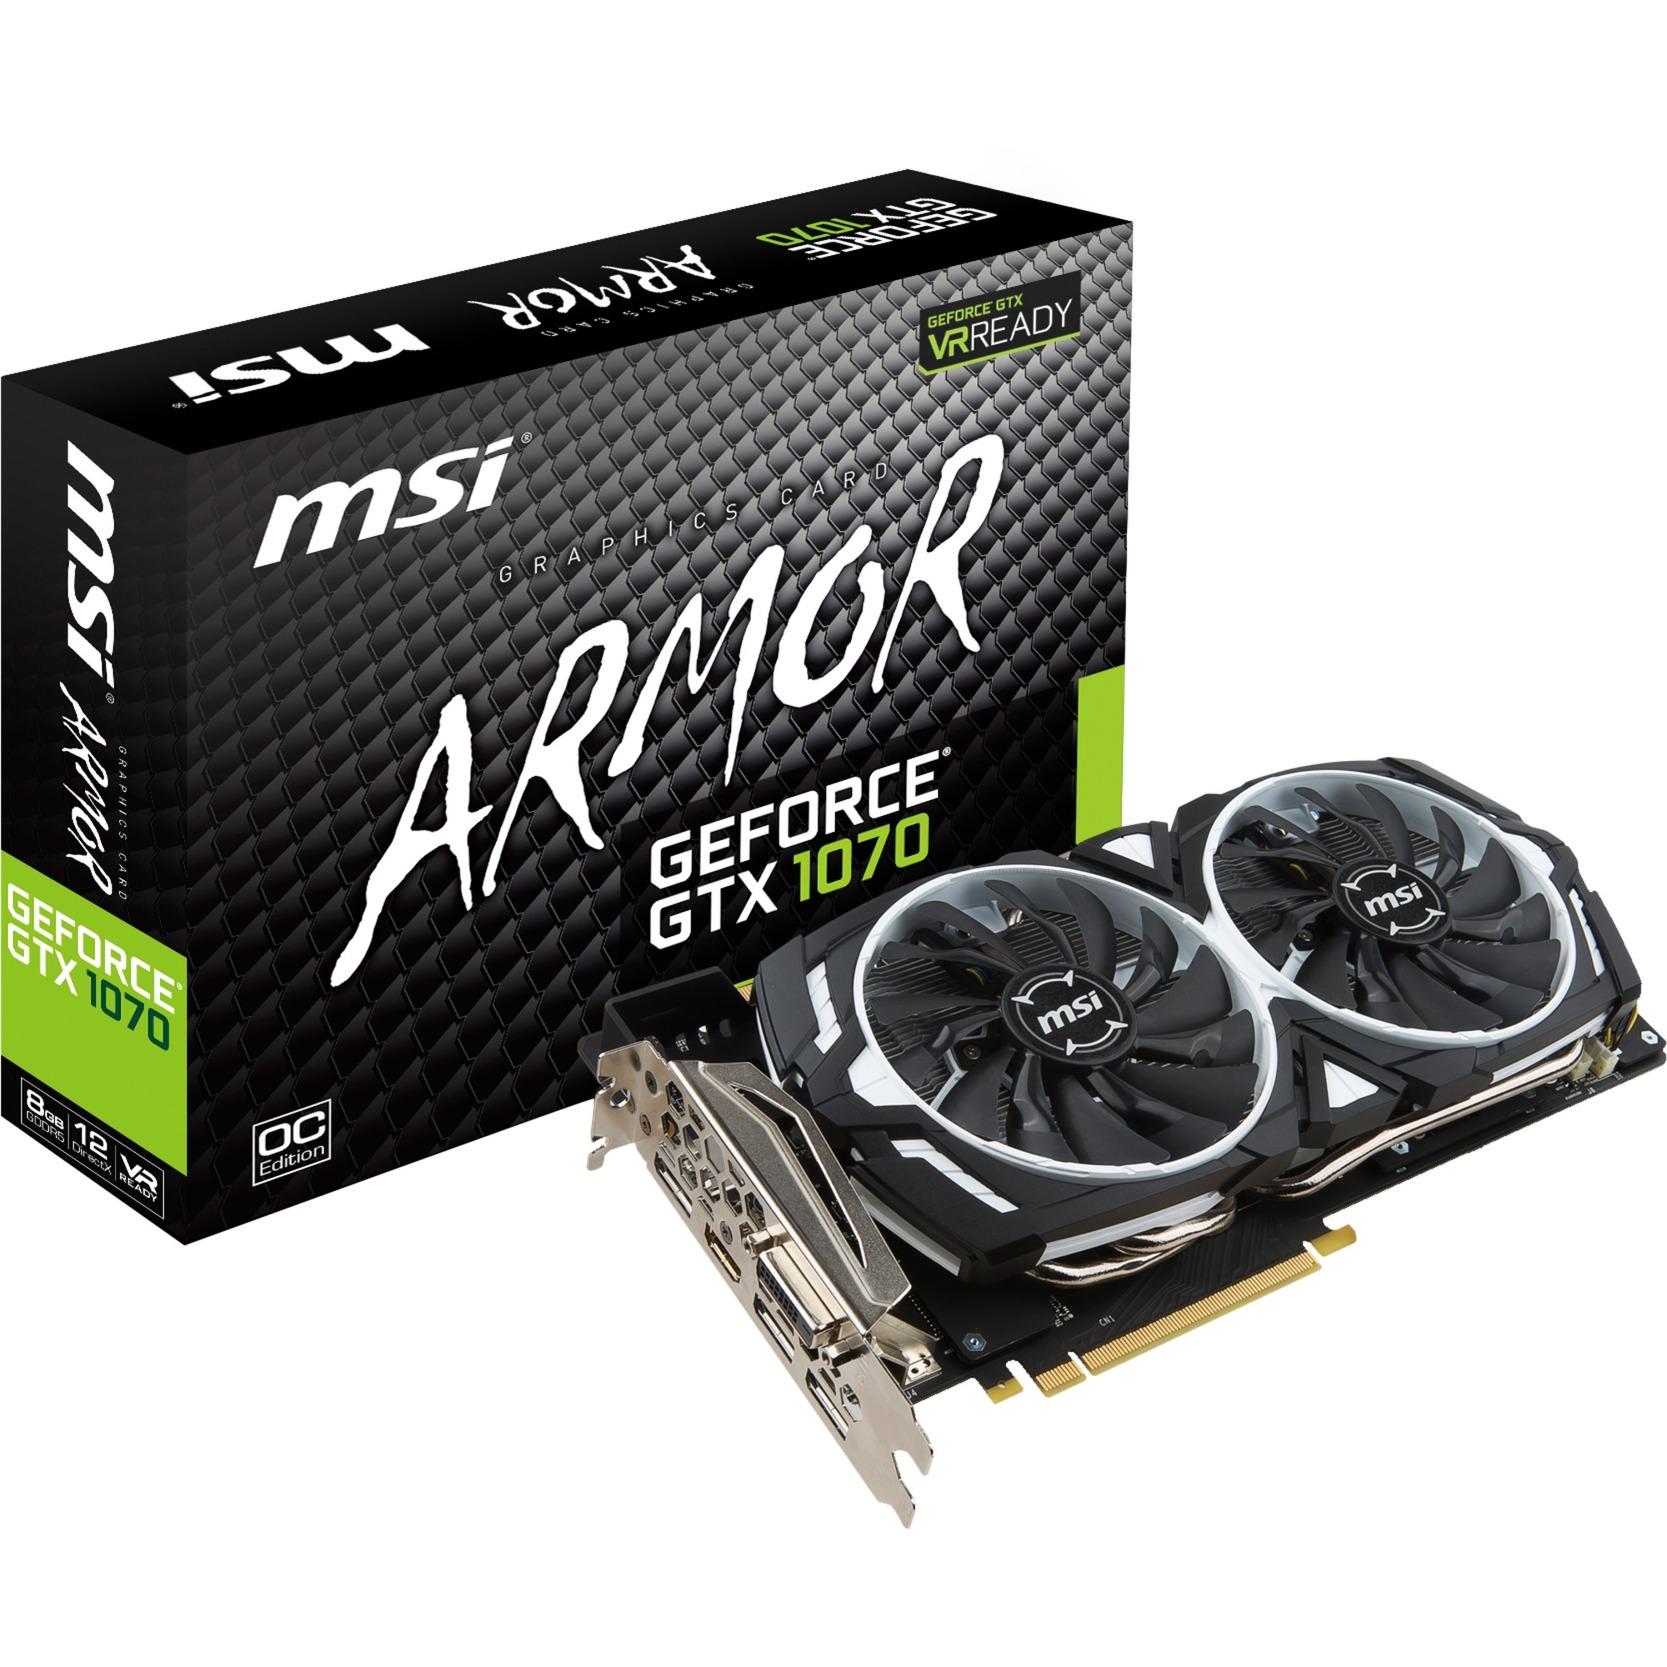 GeForce GTX 1070 ARMOR 8G OC, Carte graphique